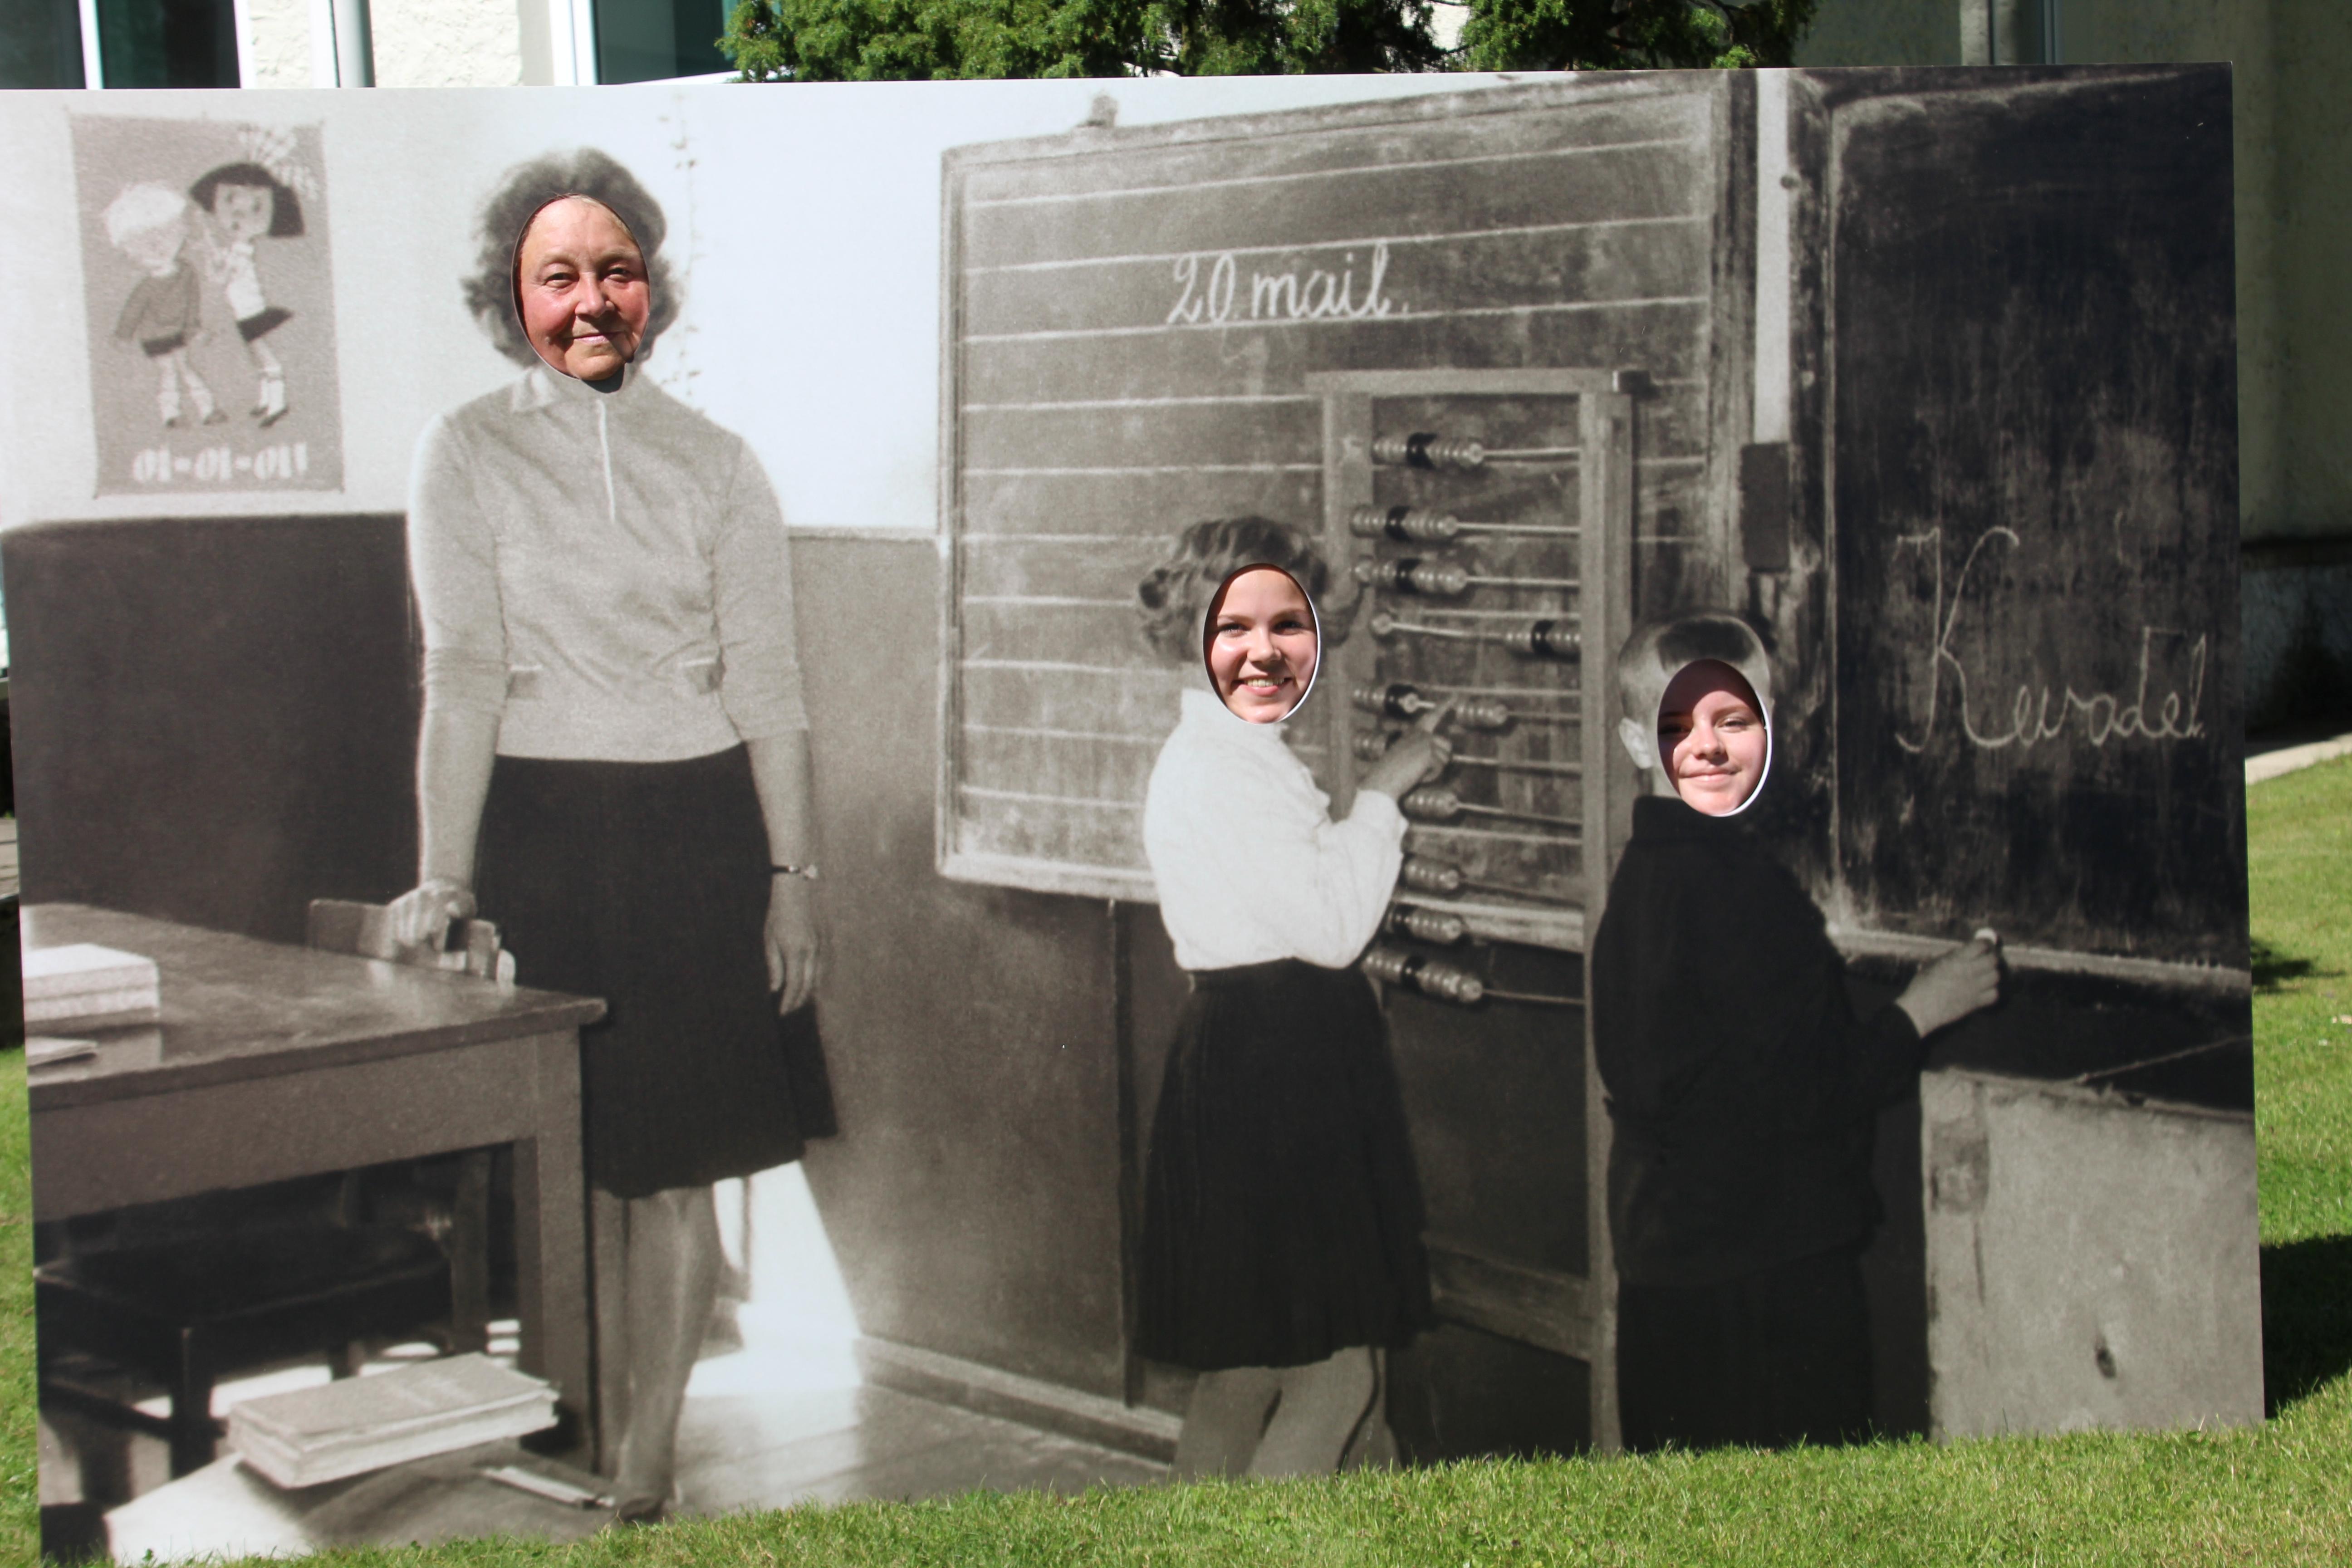 Ajalooline fotonurk koolimaja ees